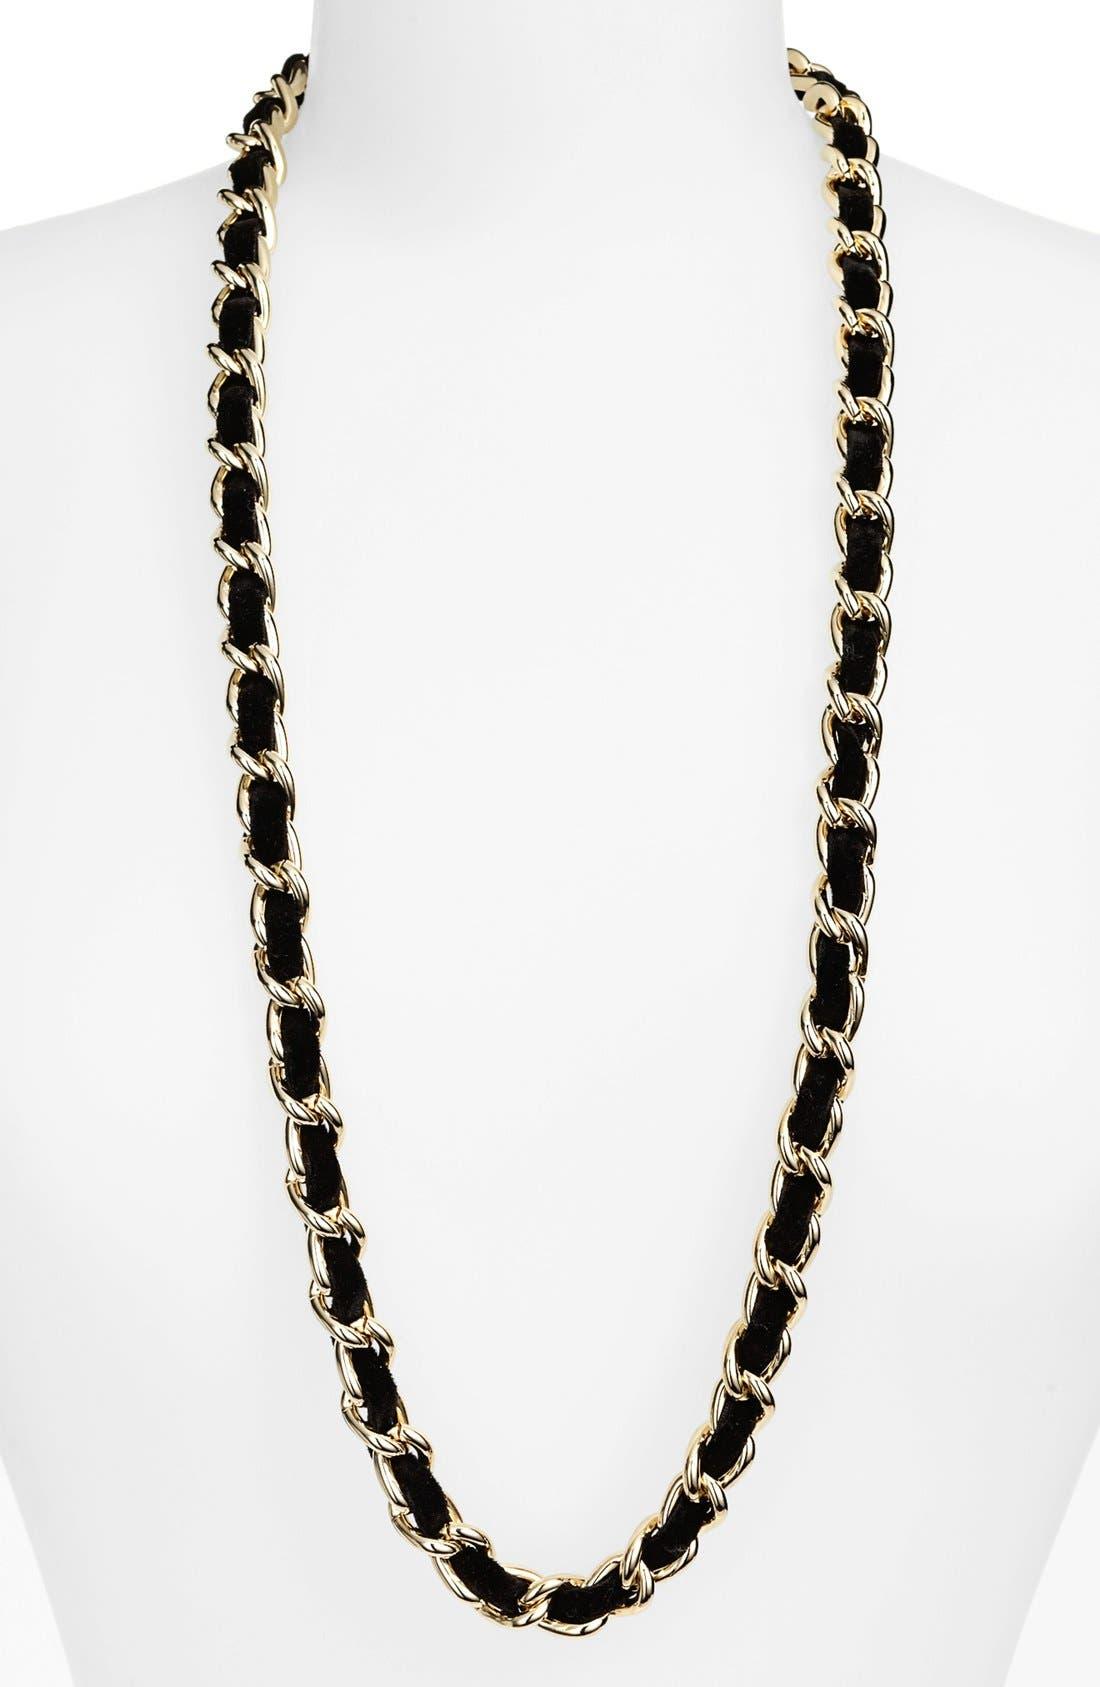 Alternate Image 1 Selected - Nordstrom Velvet Woven Chain Necklace